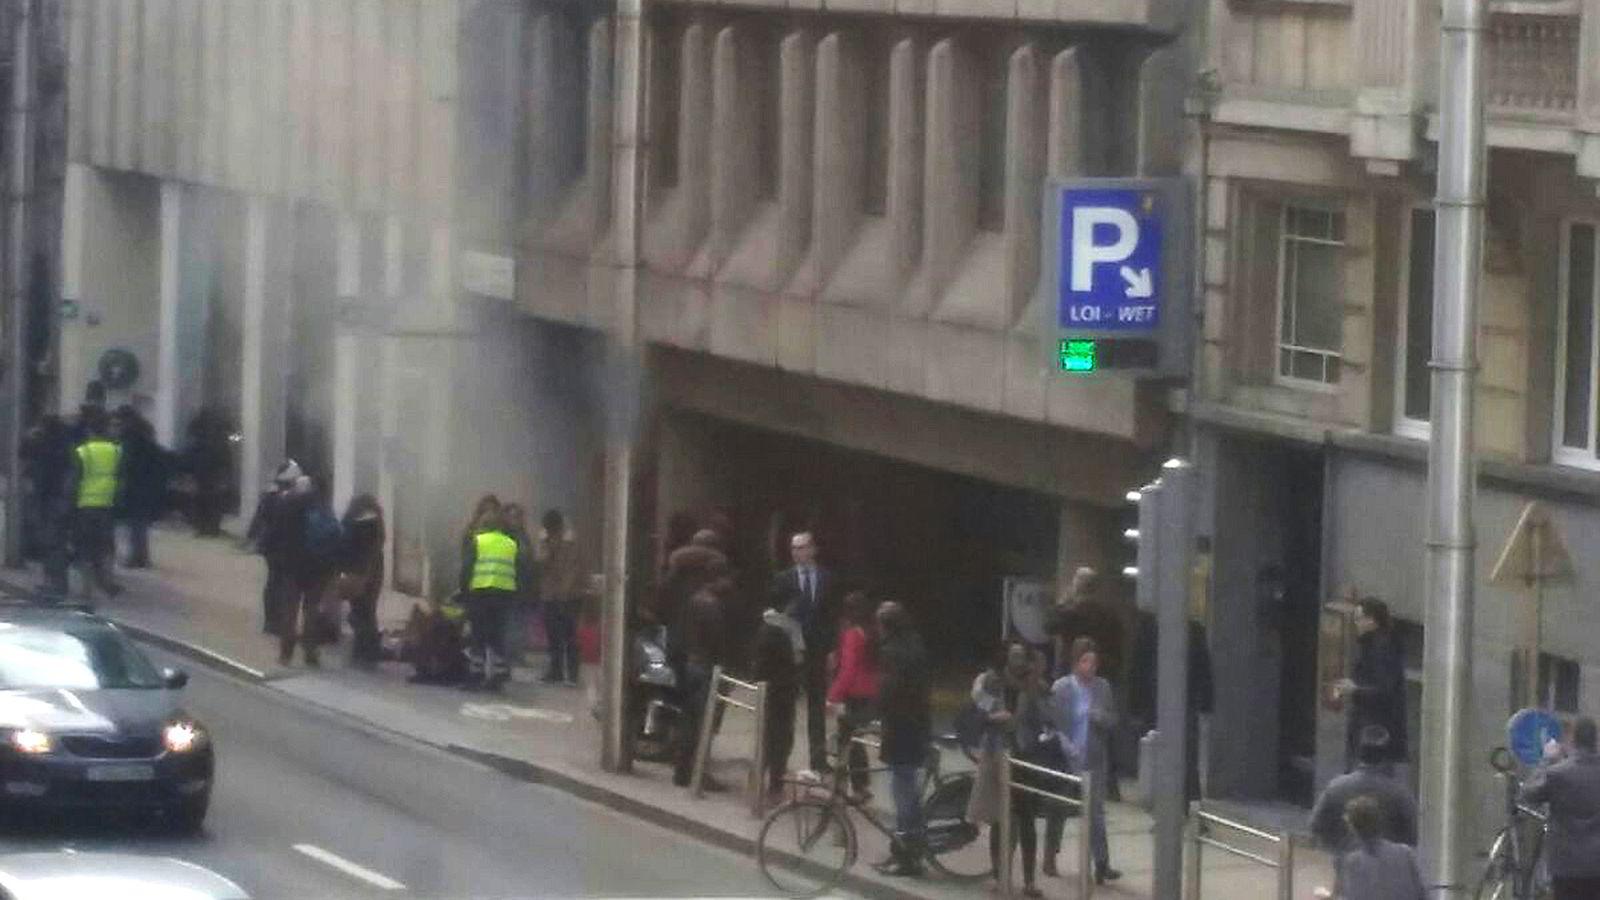 Røyk kommer opp fra undergrunnstasjonen Maalbeek i Brussel etter en eksplosjon tirsdag morgen. Foto: AFP / Belga / Seppe KNAPEN /NTB Scanpix